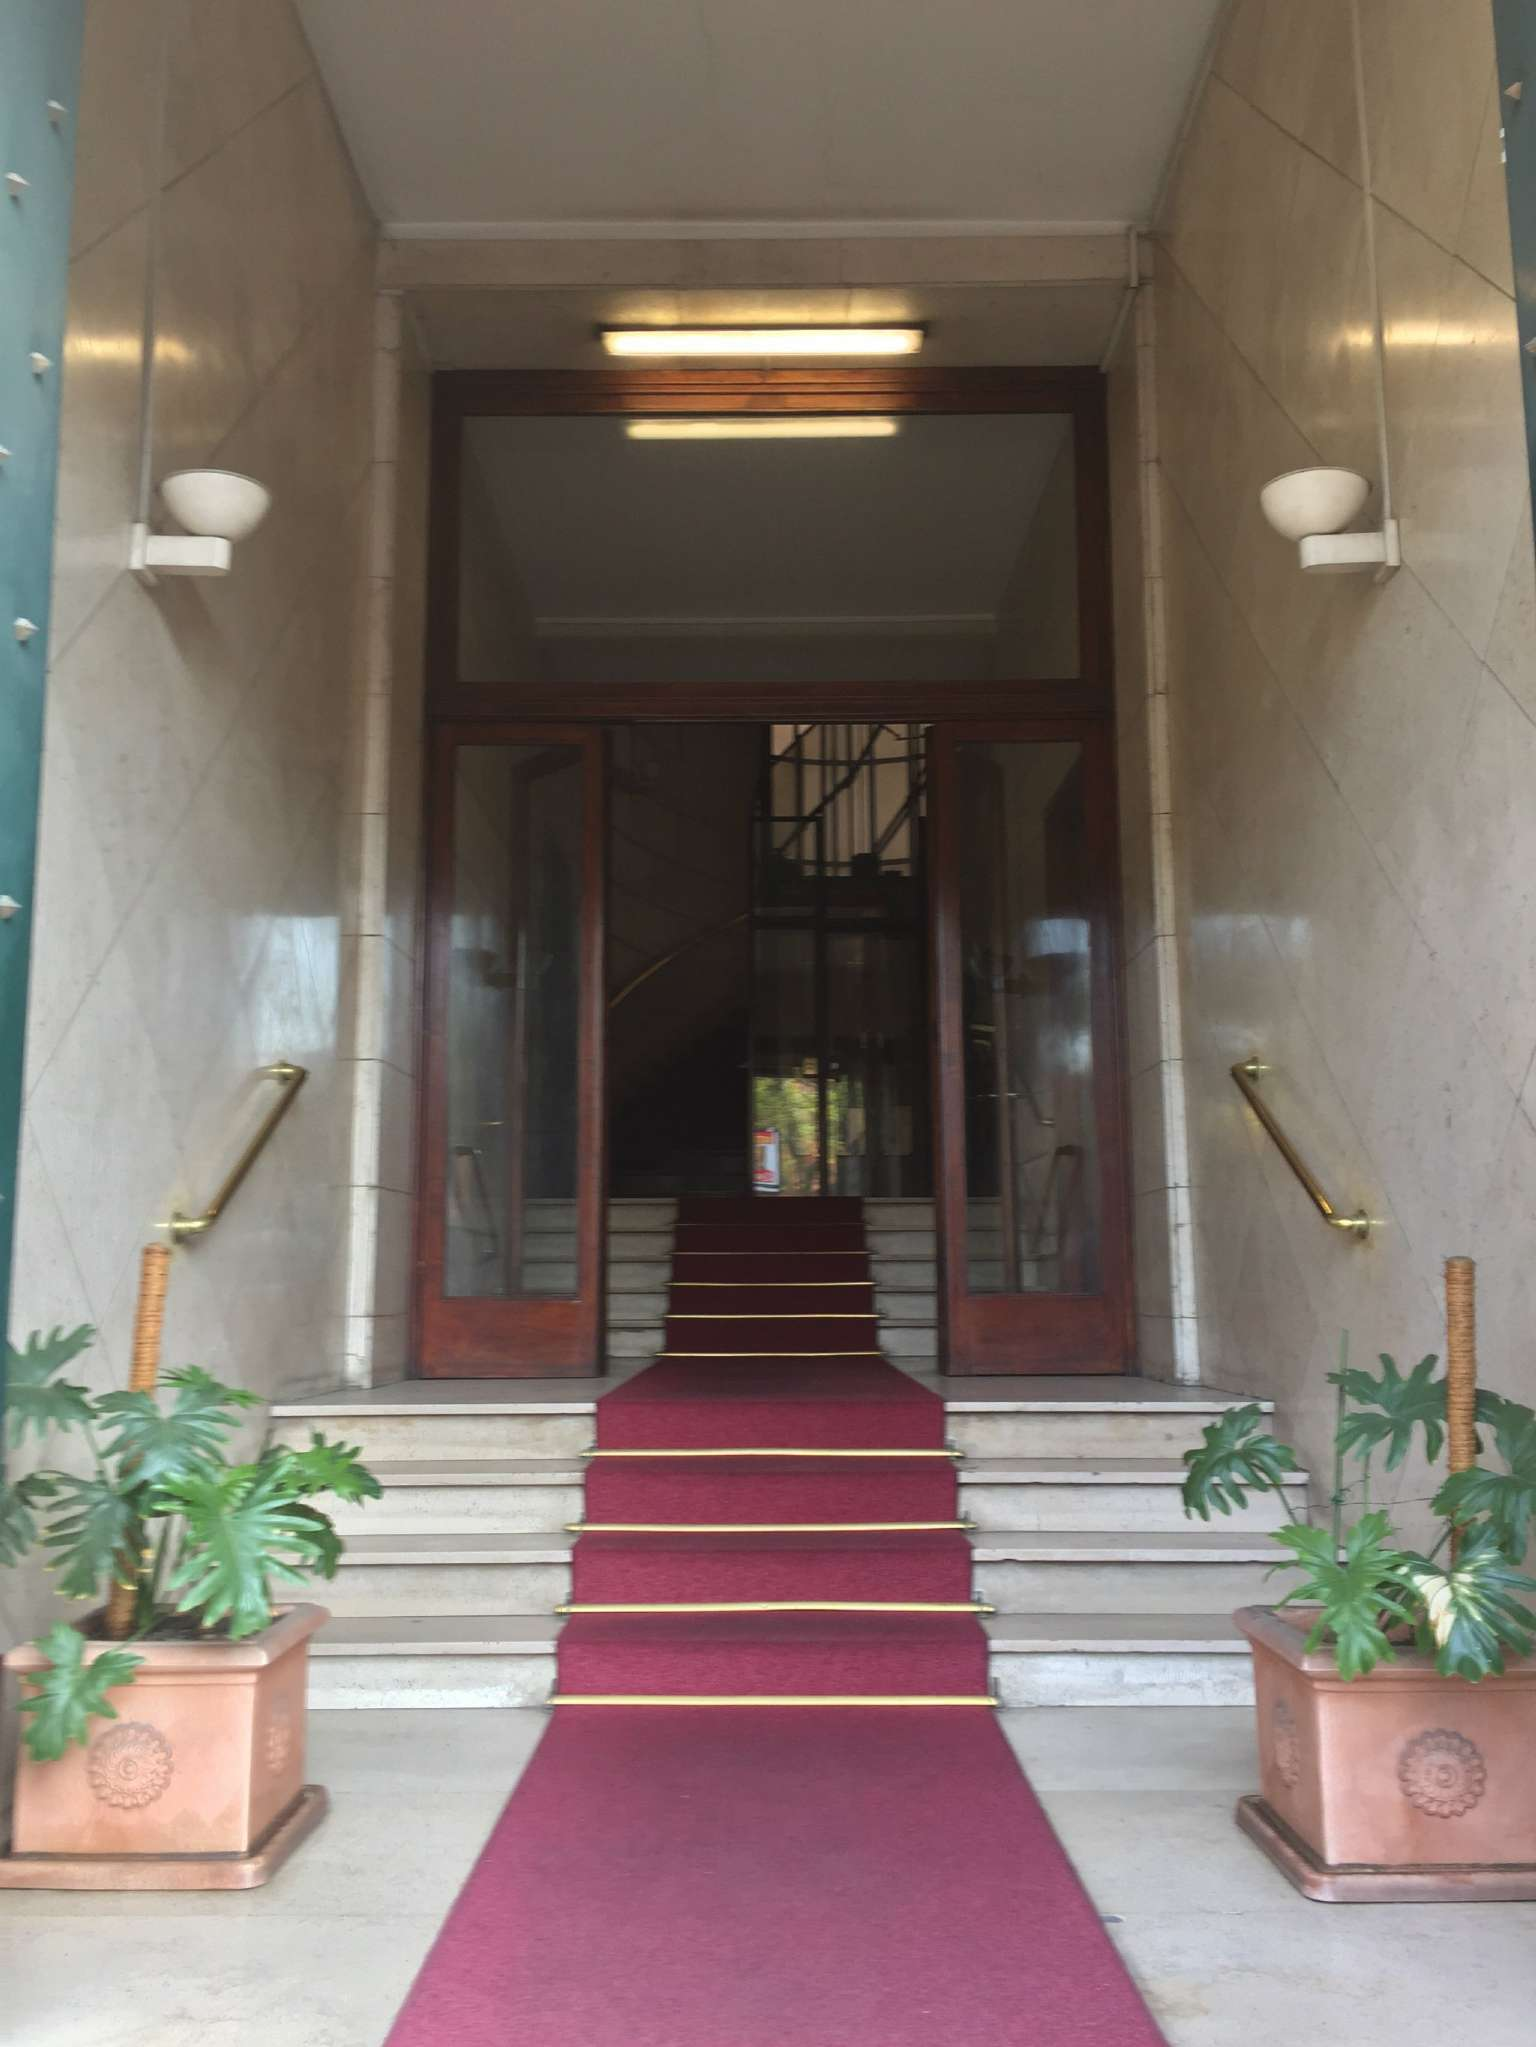 Appartamento in vendita a Roma, 9 locali, zona Zona: 3 . Trieste - Somalia - Salario, prezzo € 1.000.000 | CambioCasa.it